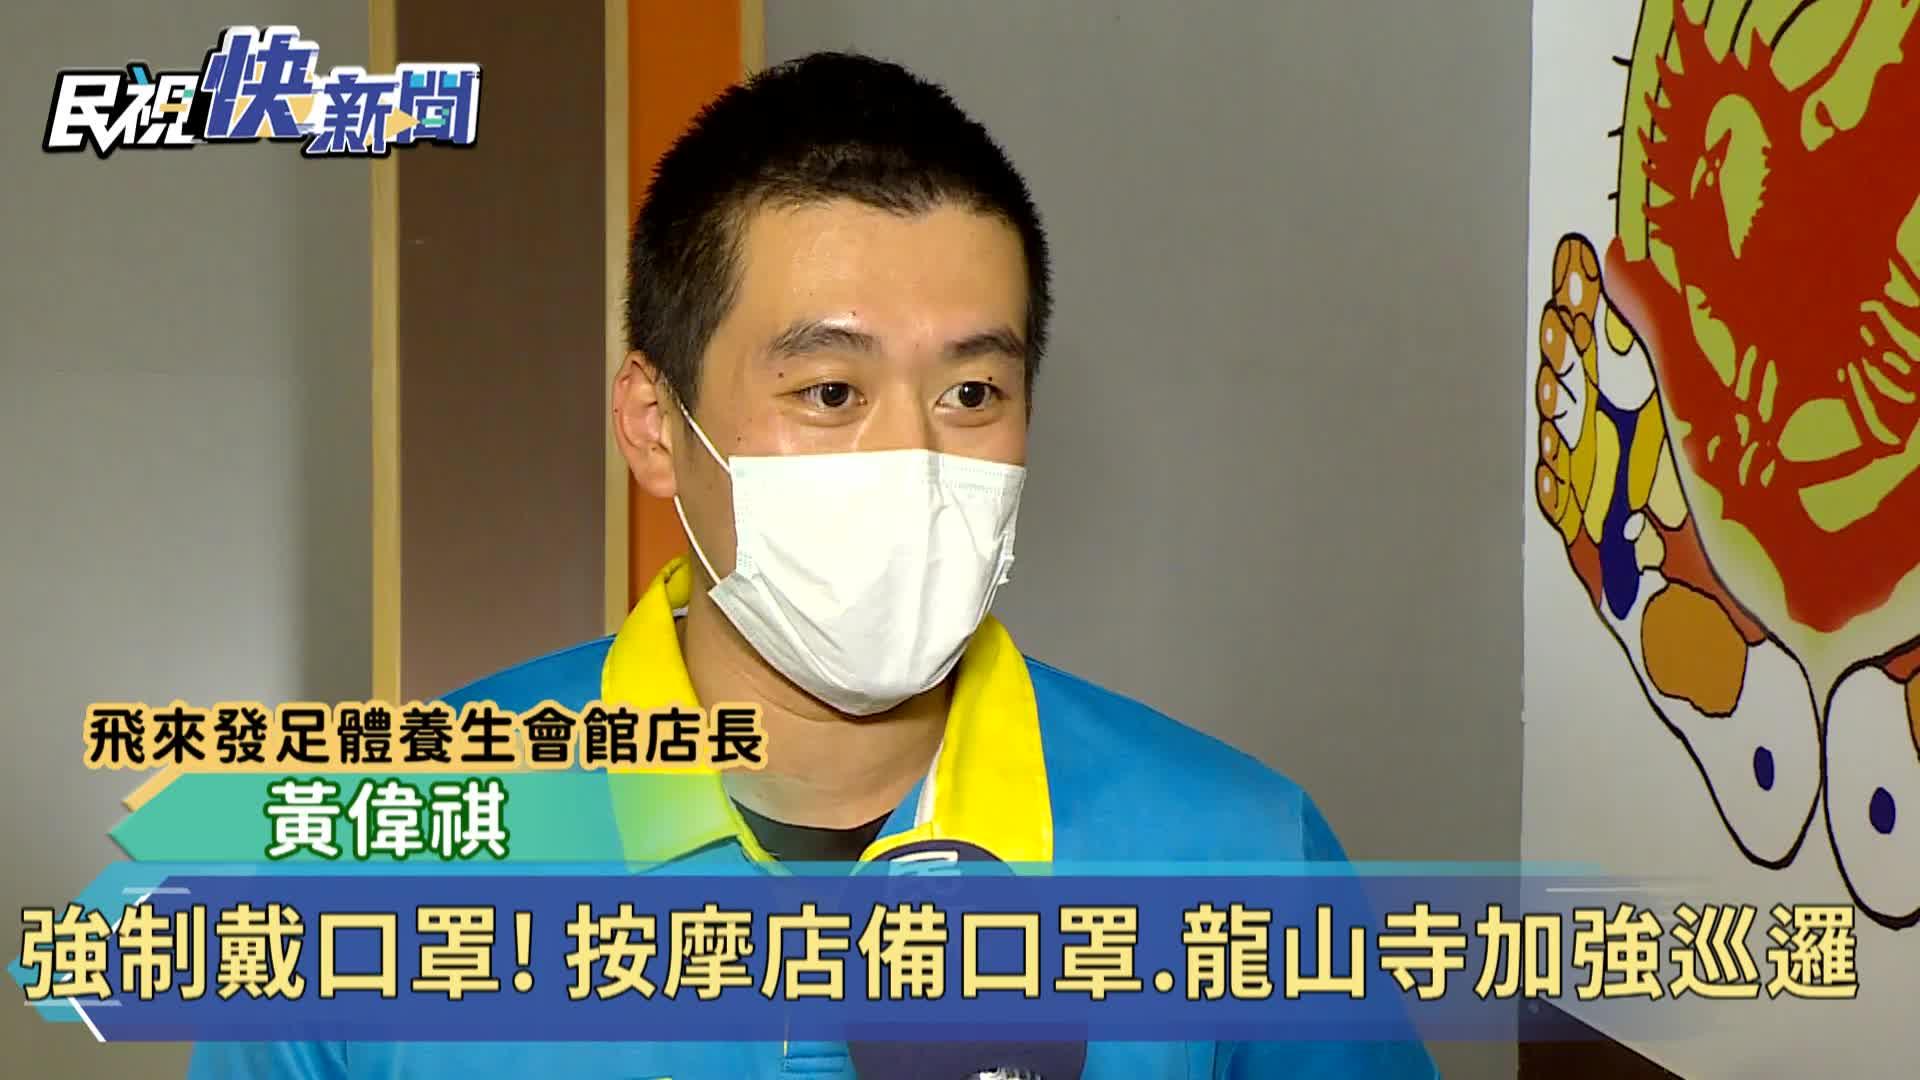 8大場所強制戴口罩 按摩店備口罩.龍山寺加強巡邏